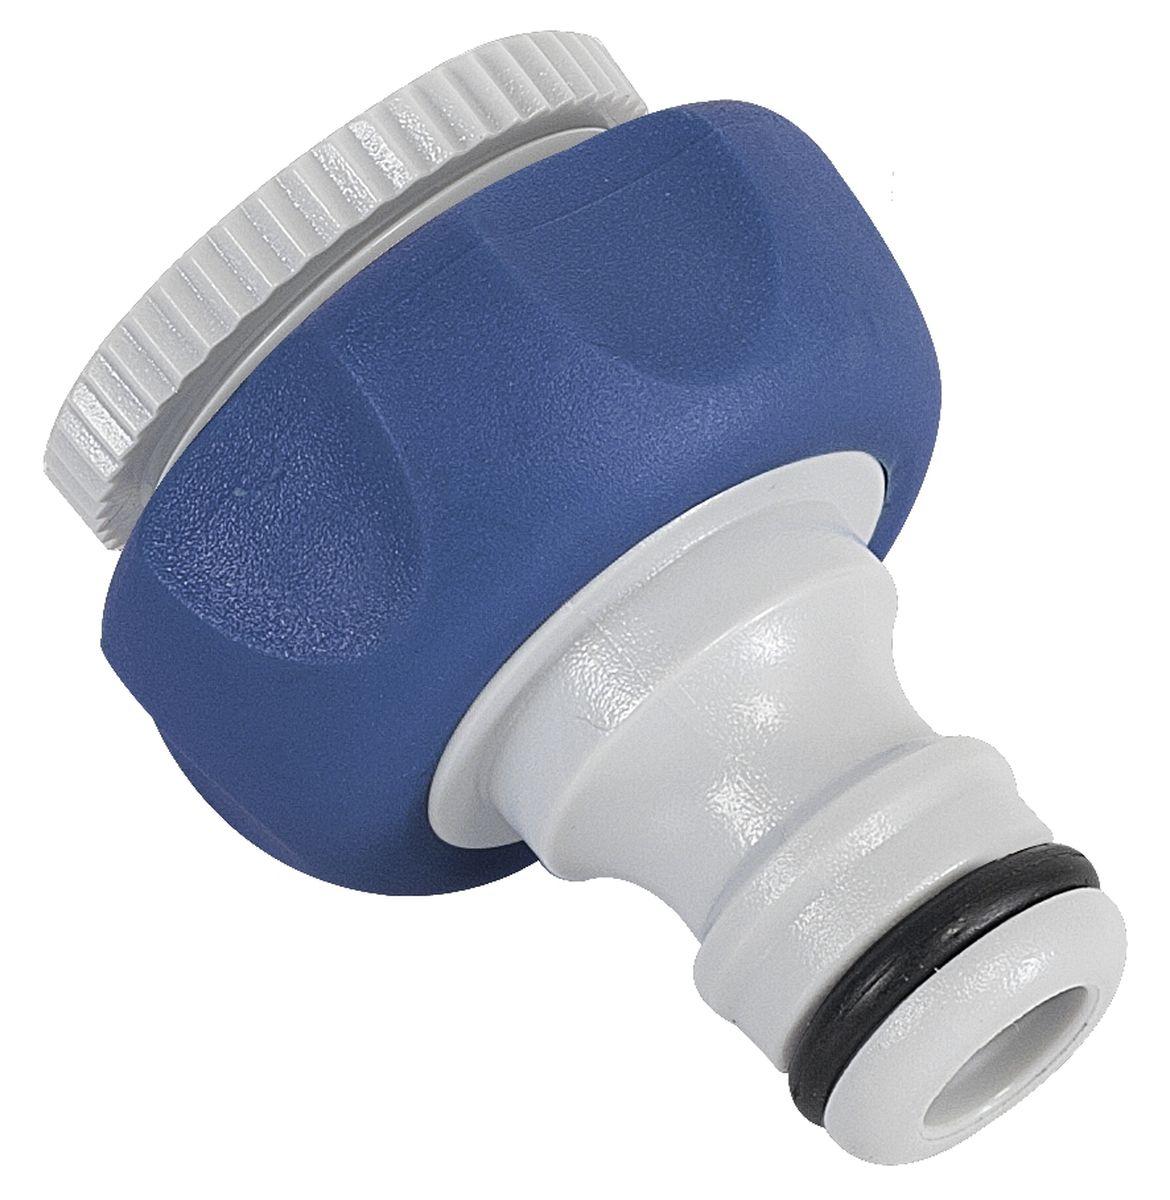 Штуцер резьбовой Green Apple, с переходником, диаметр 12 мм - 19 ммGWTA20-055Резьбовой штуцер Green Apple изготовлен из высококачественного прочного пластика и термопластичной резины. Штуцер предназначен для соединения шлангов и насадок с кранами, имеющими внешнюю резьбу. В комплекте - дополнительный переходник. Диаметр: 1/2, 3/4.